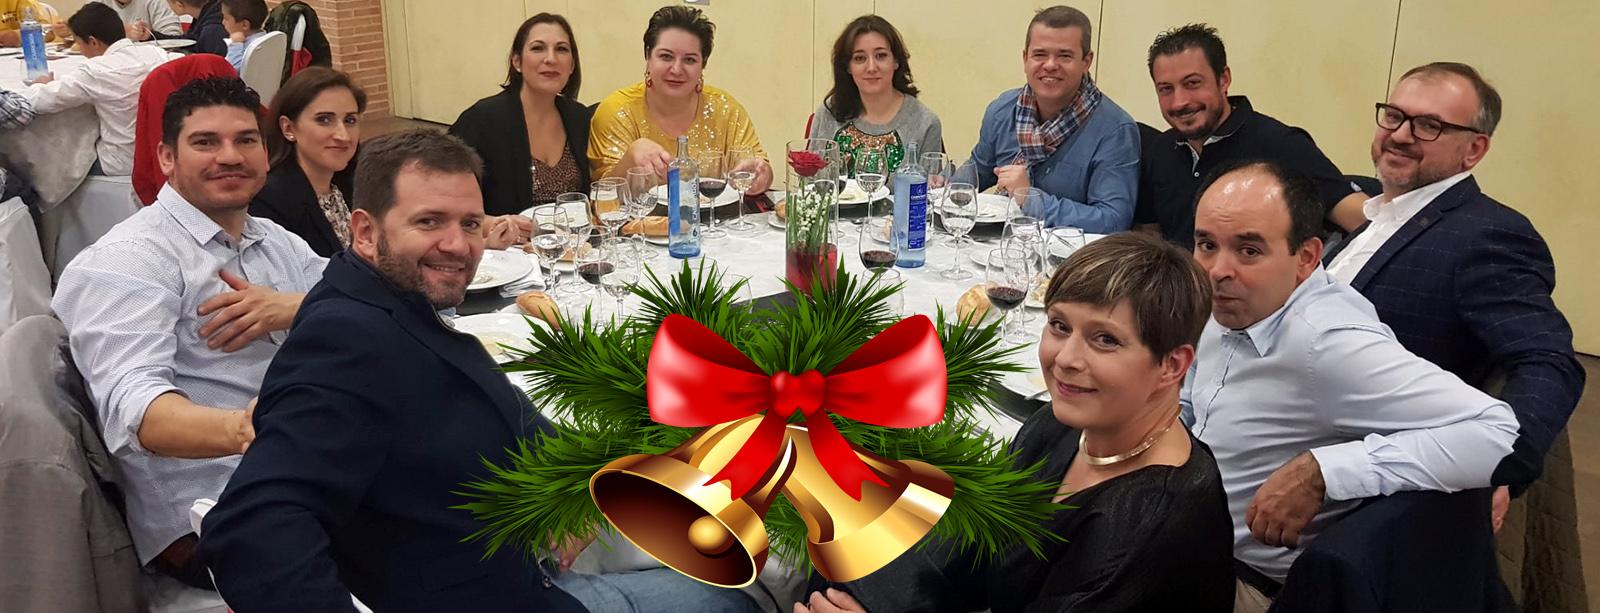 La familia del Quijote RC en la cena de Navidad 2019